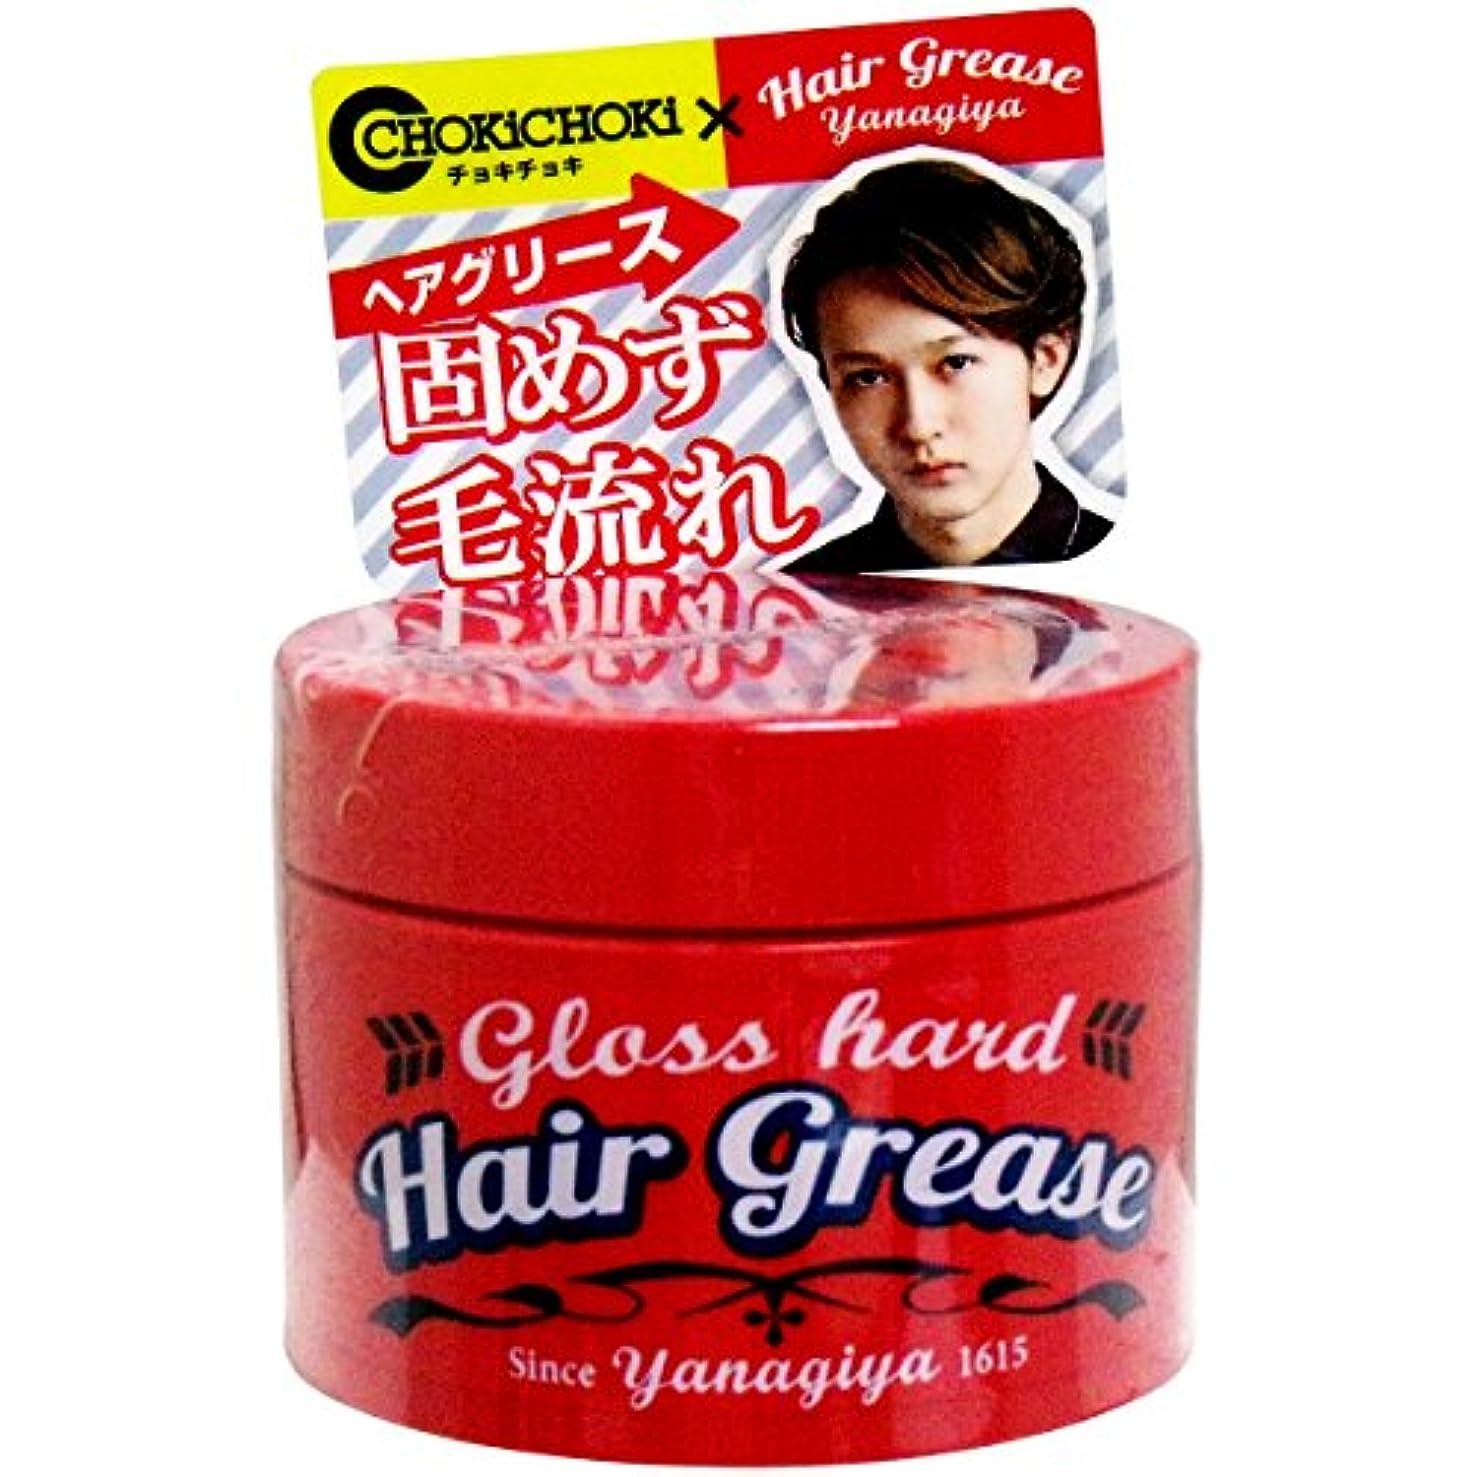 ふさわしい苦味制限ヘアワックス 固めず毛流れ 使いやすい YANAGIYA ヘアグリース グロスハード 90g入【5個セット】